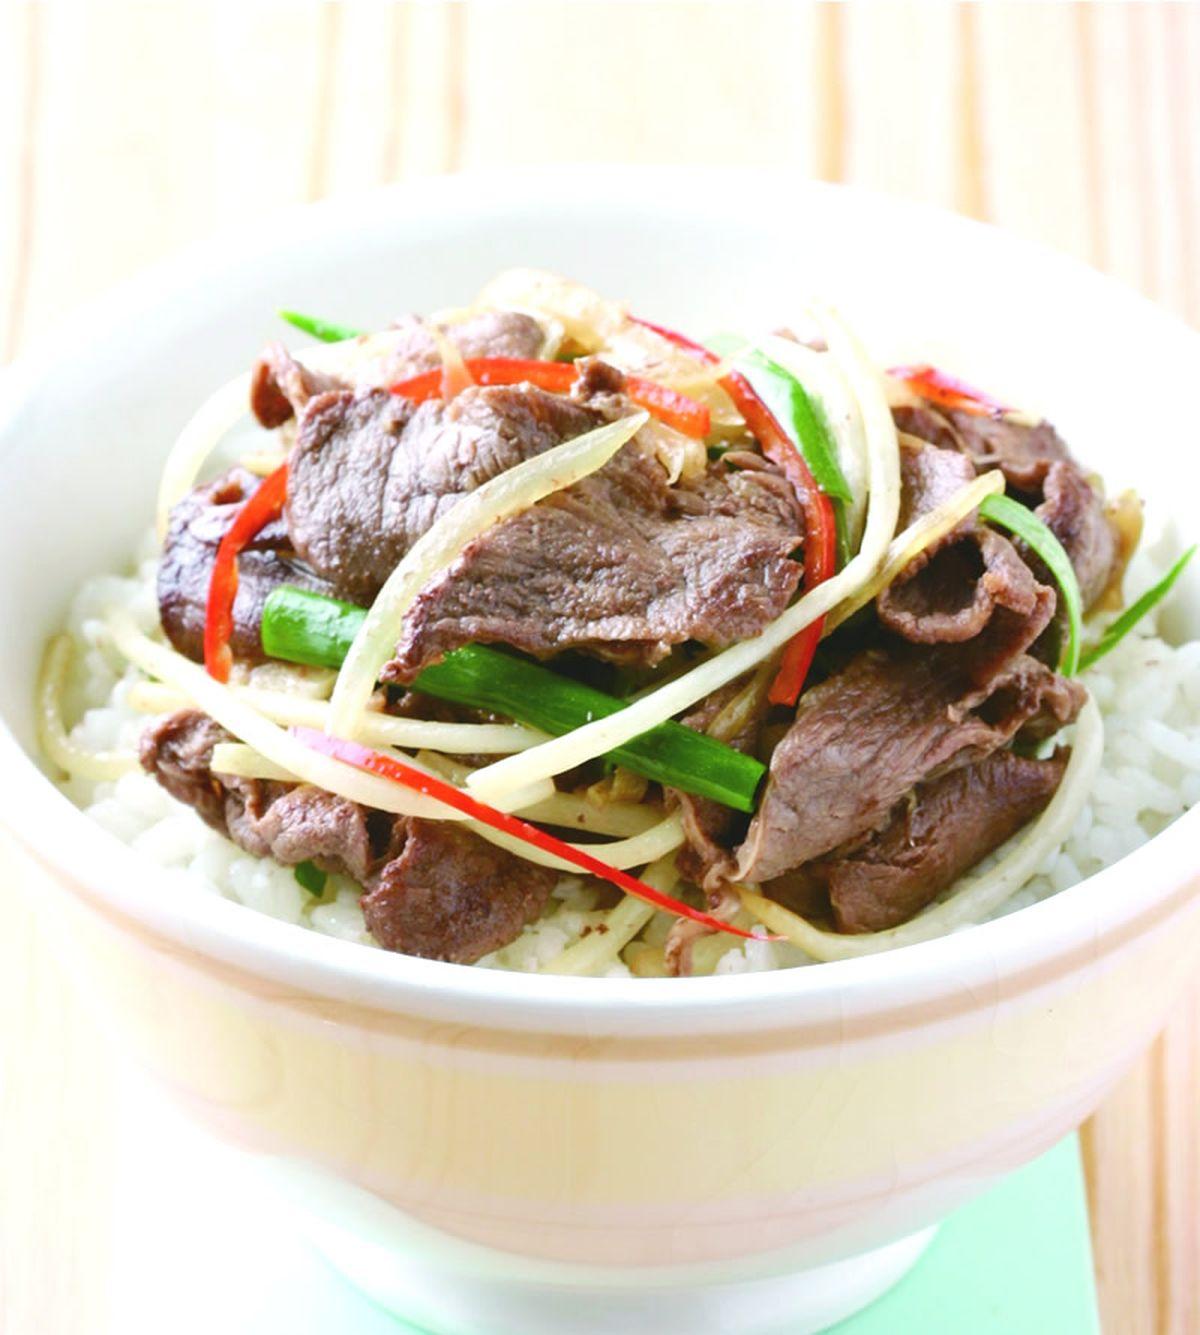 食譜:乾燒牛肉飯